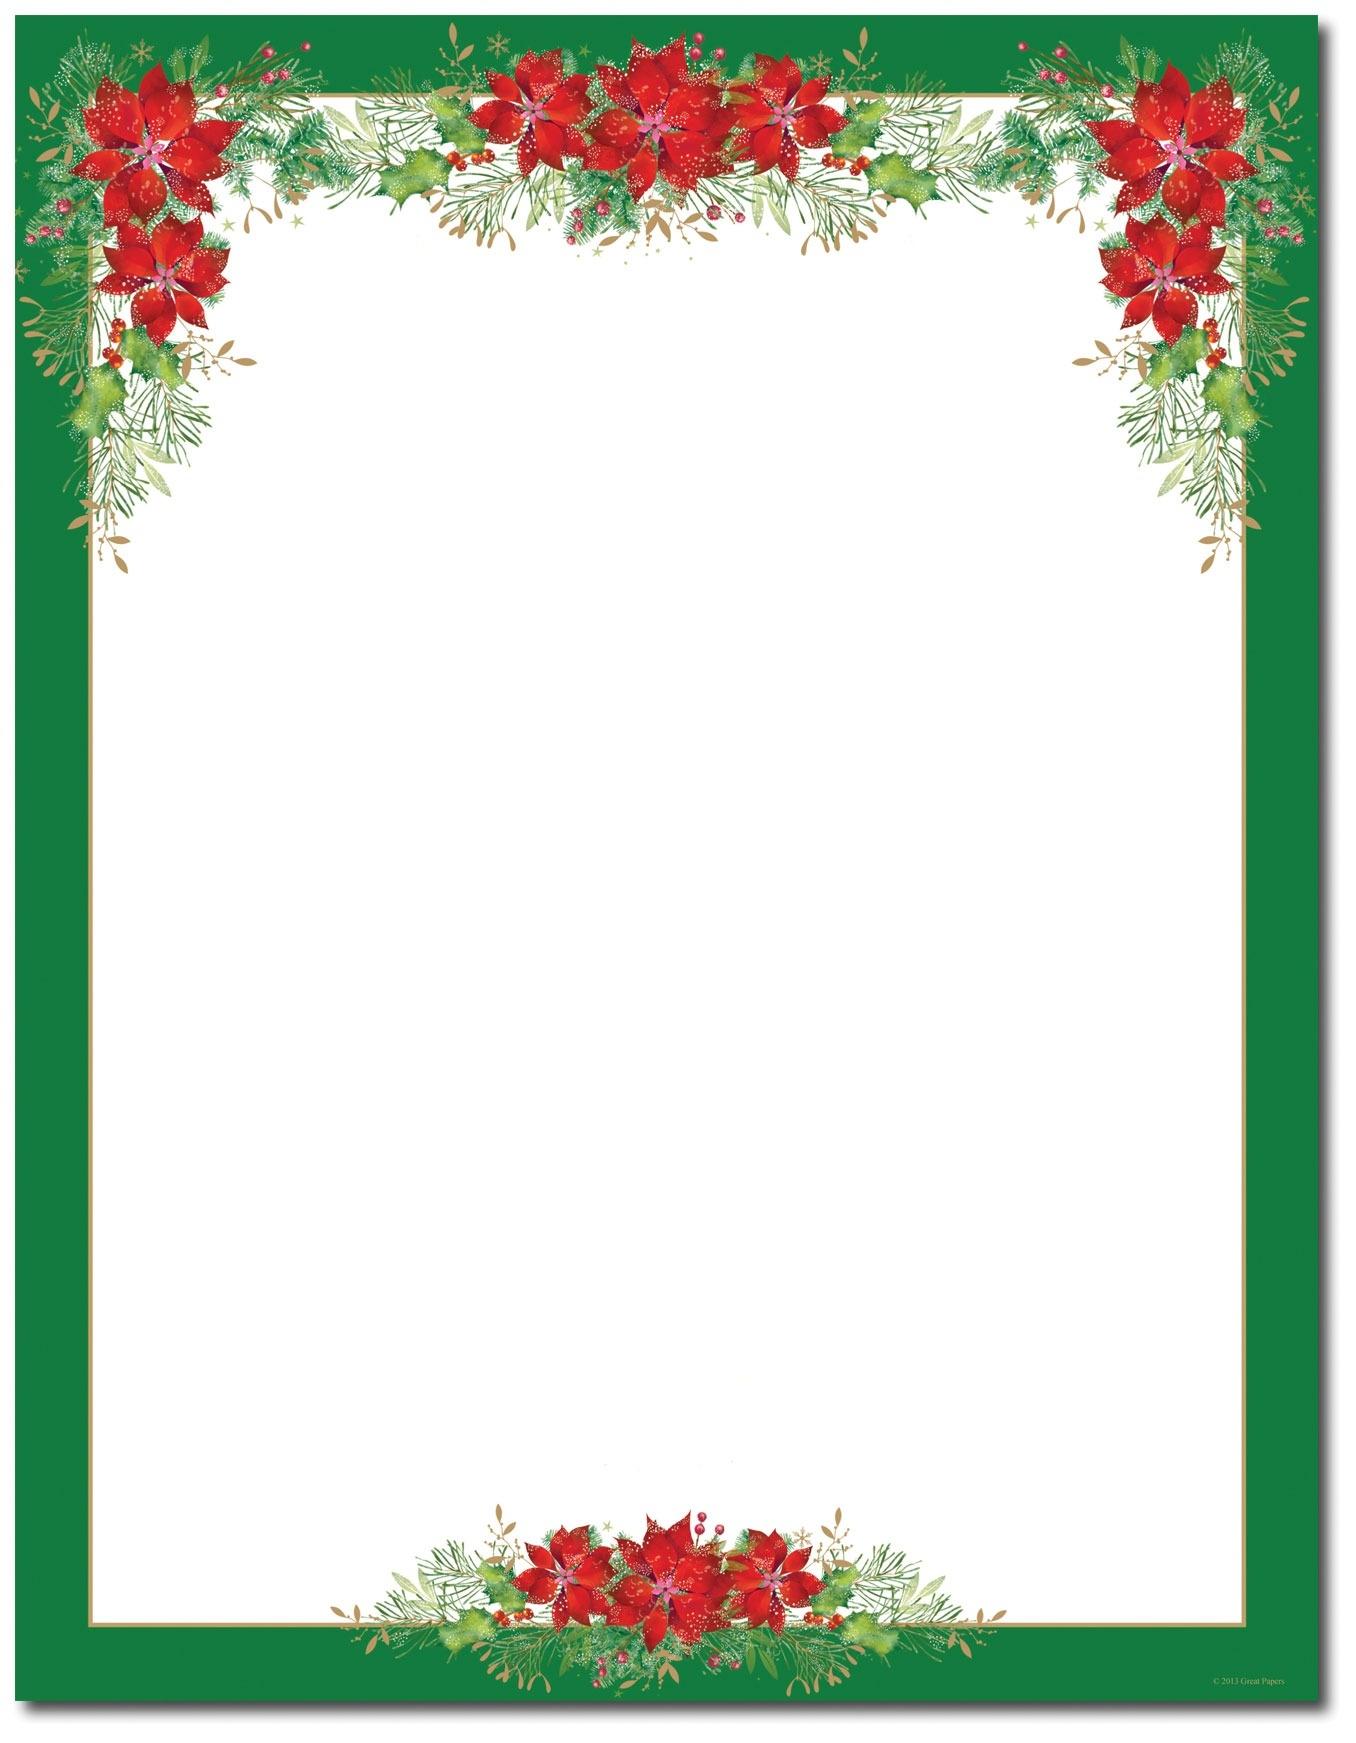 Free Printable Christmas Border Templates Intended For Free - Free Printable Christmas Borders